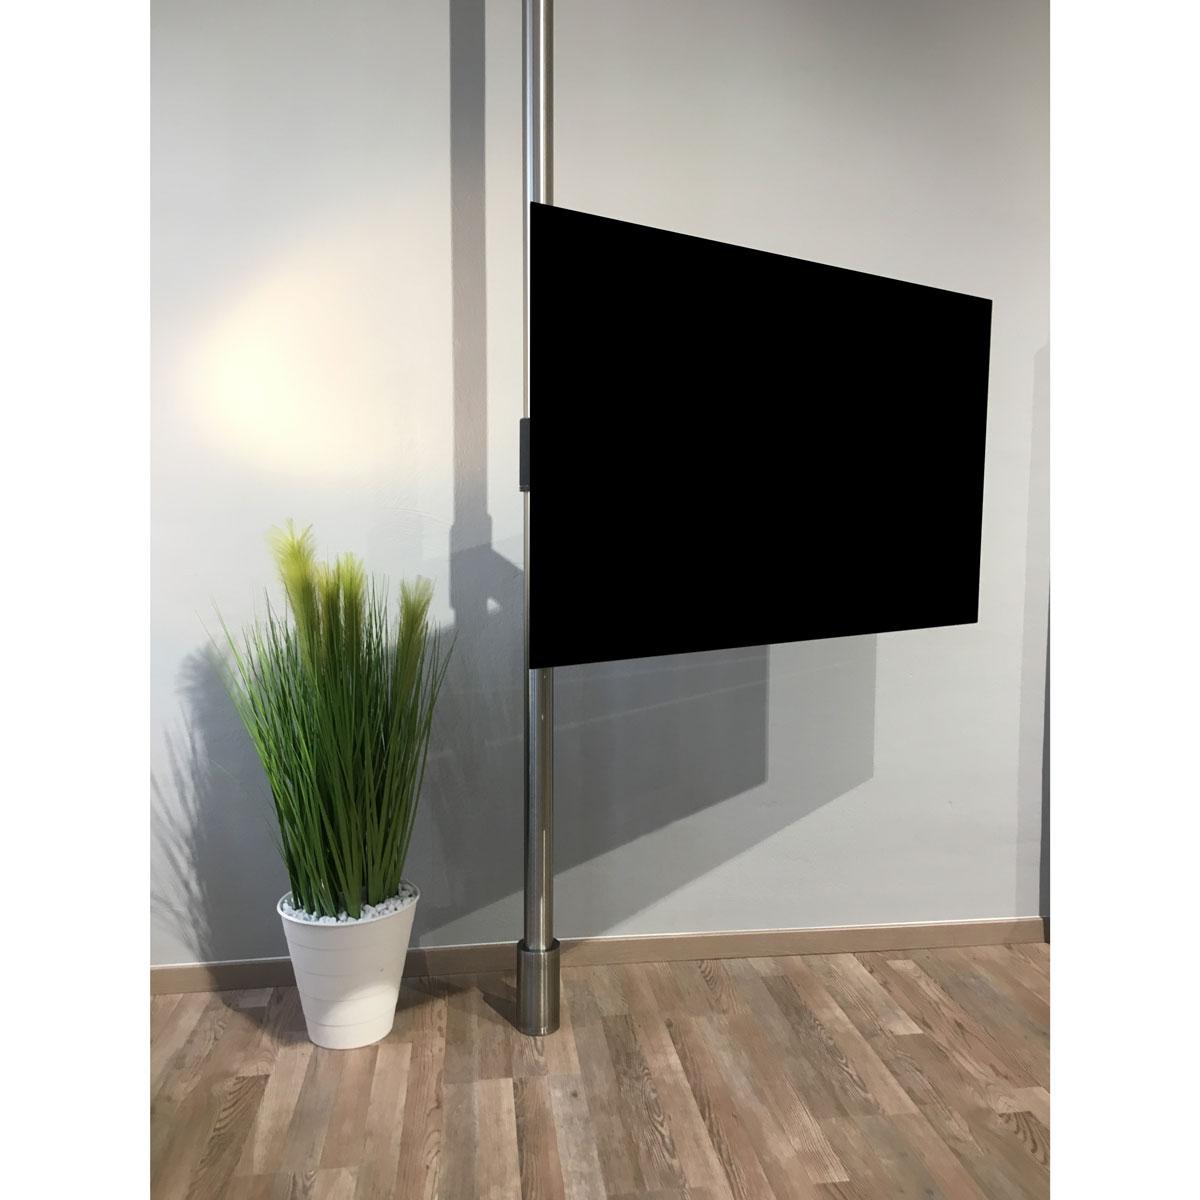 stabiler TV Wandhalter, für eine Deckenmontage, unsichtbare Kabelführung, robuste und drehbare Fernsehhalterung, mit Soundbarhalterung, Wissmann Raumobjekte, mit Schwenkarm, befestigung an einer Edelstahlstange,